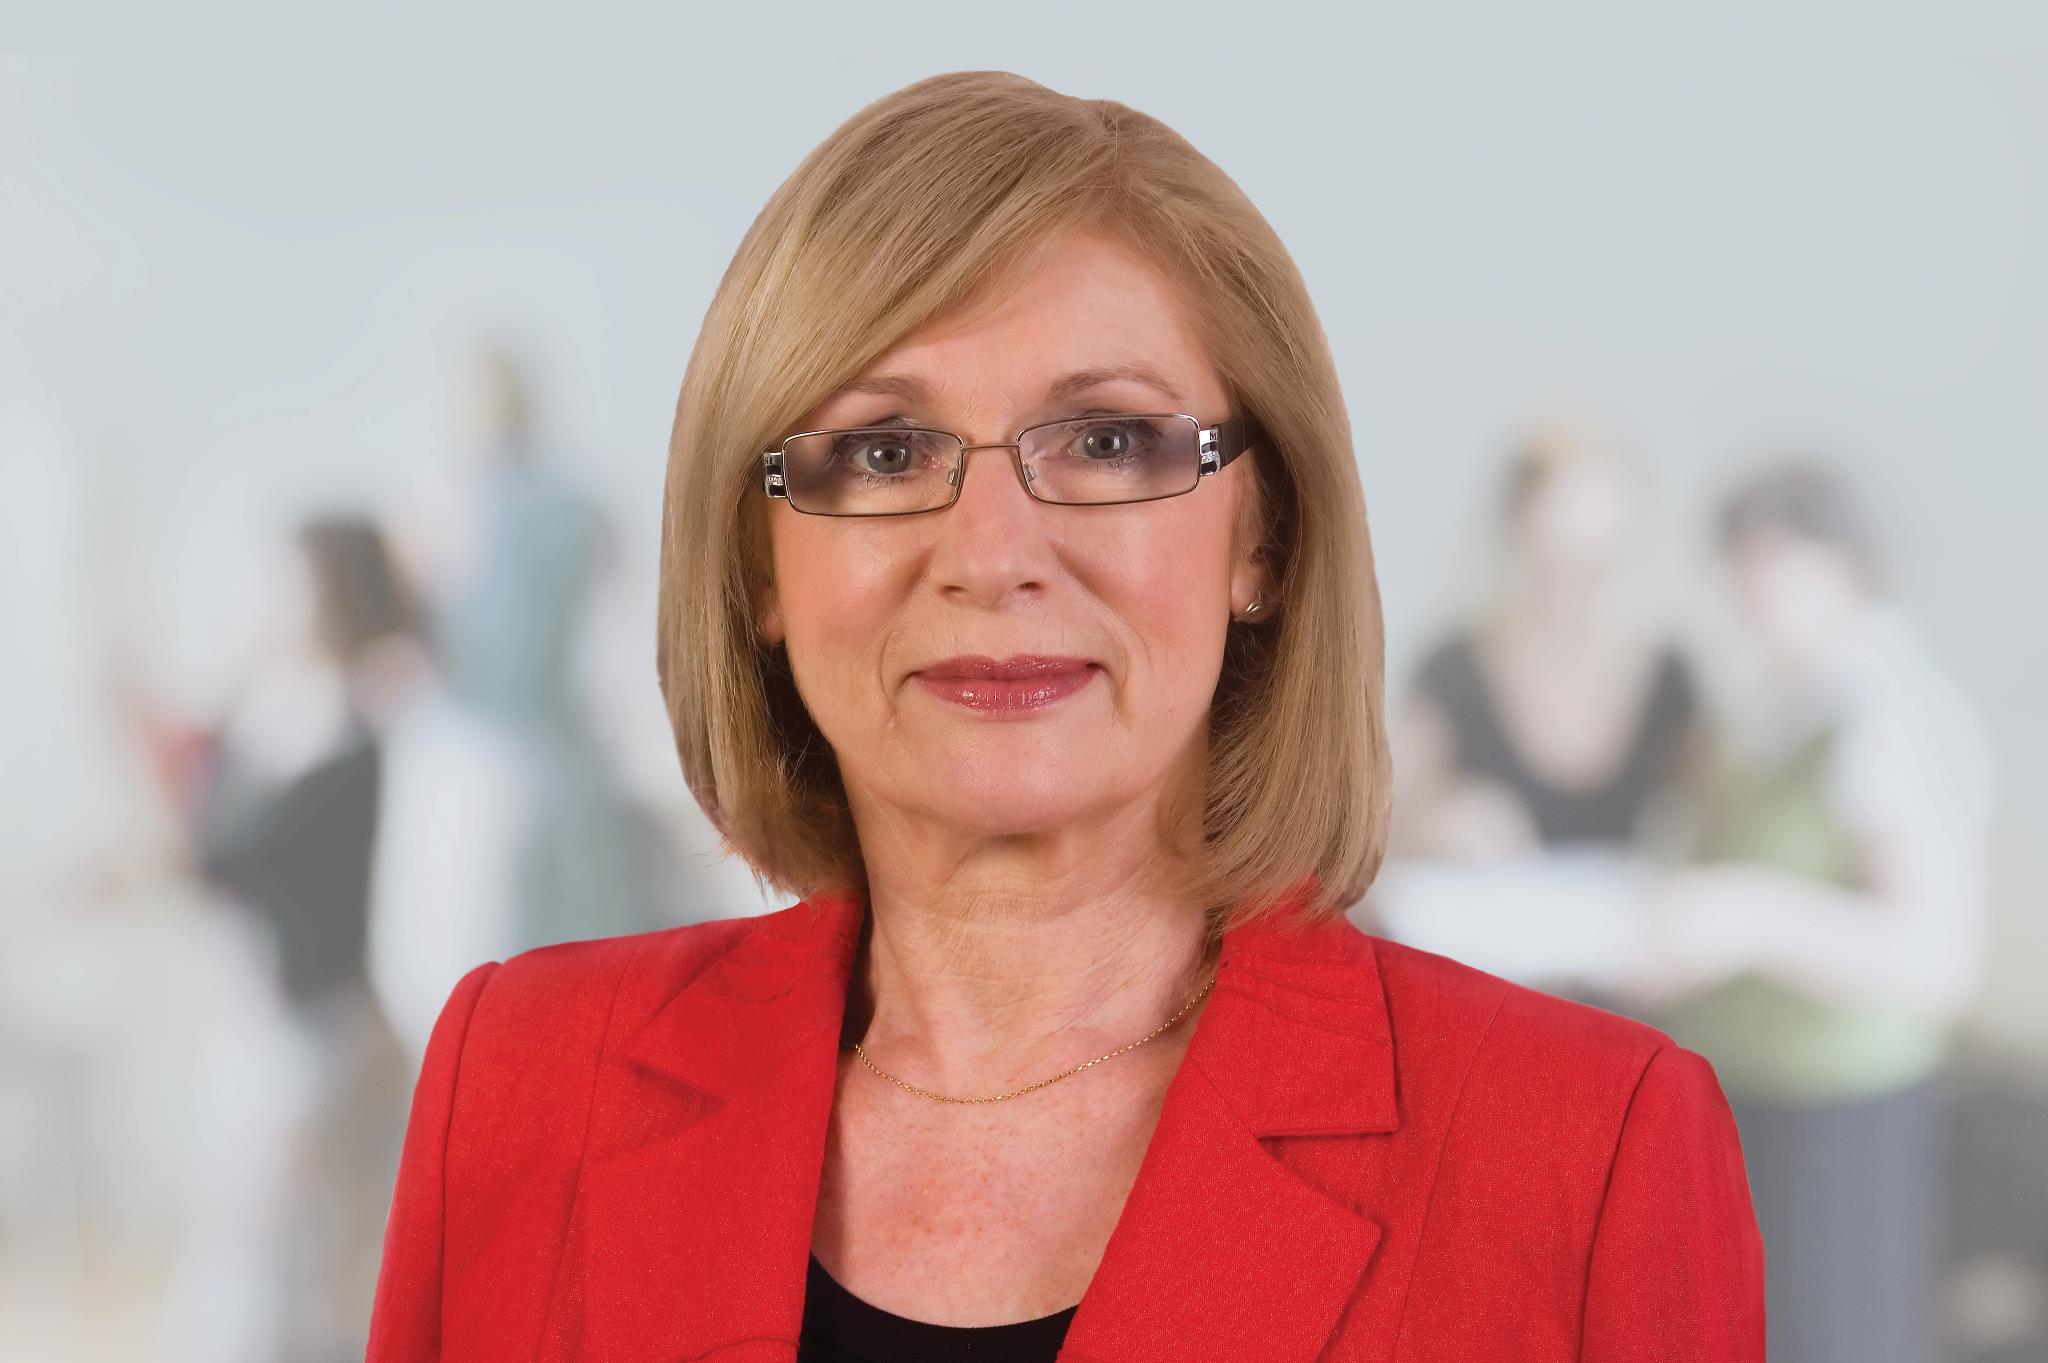 Jan O'Sullivan